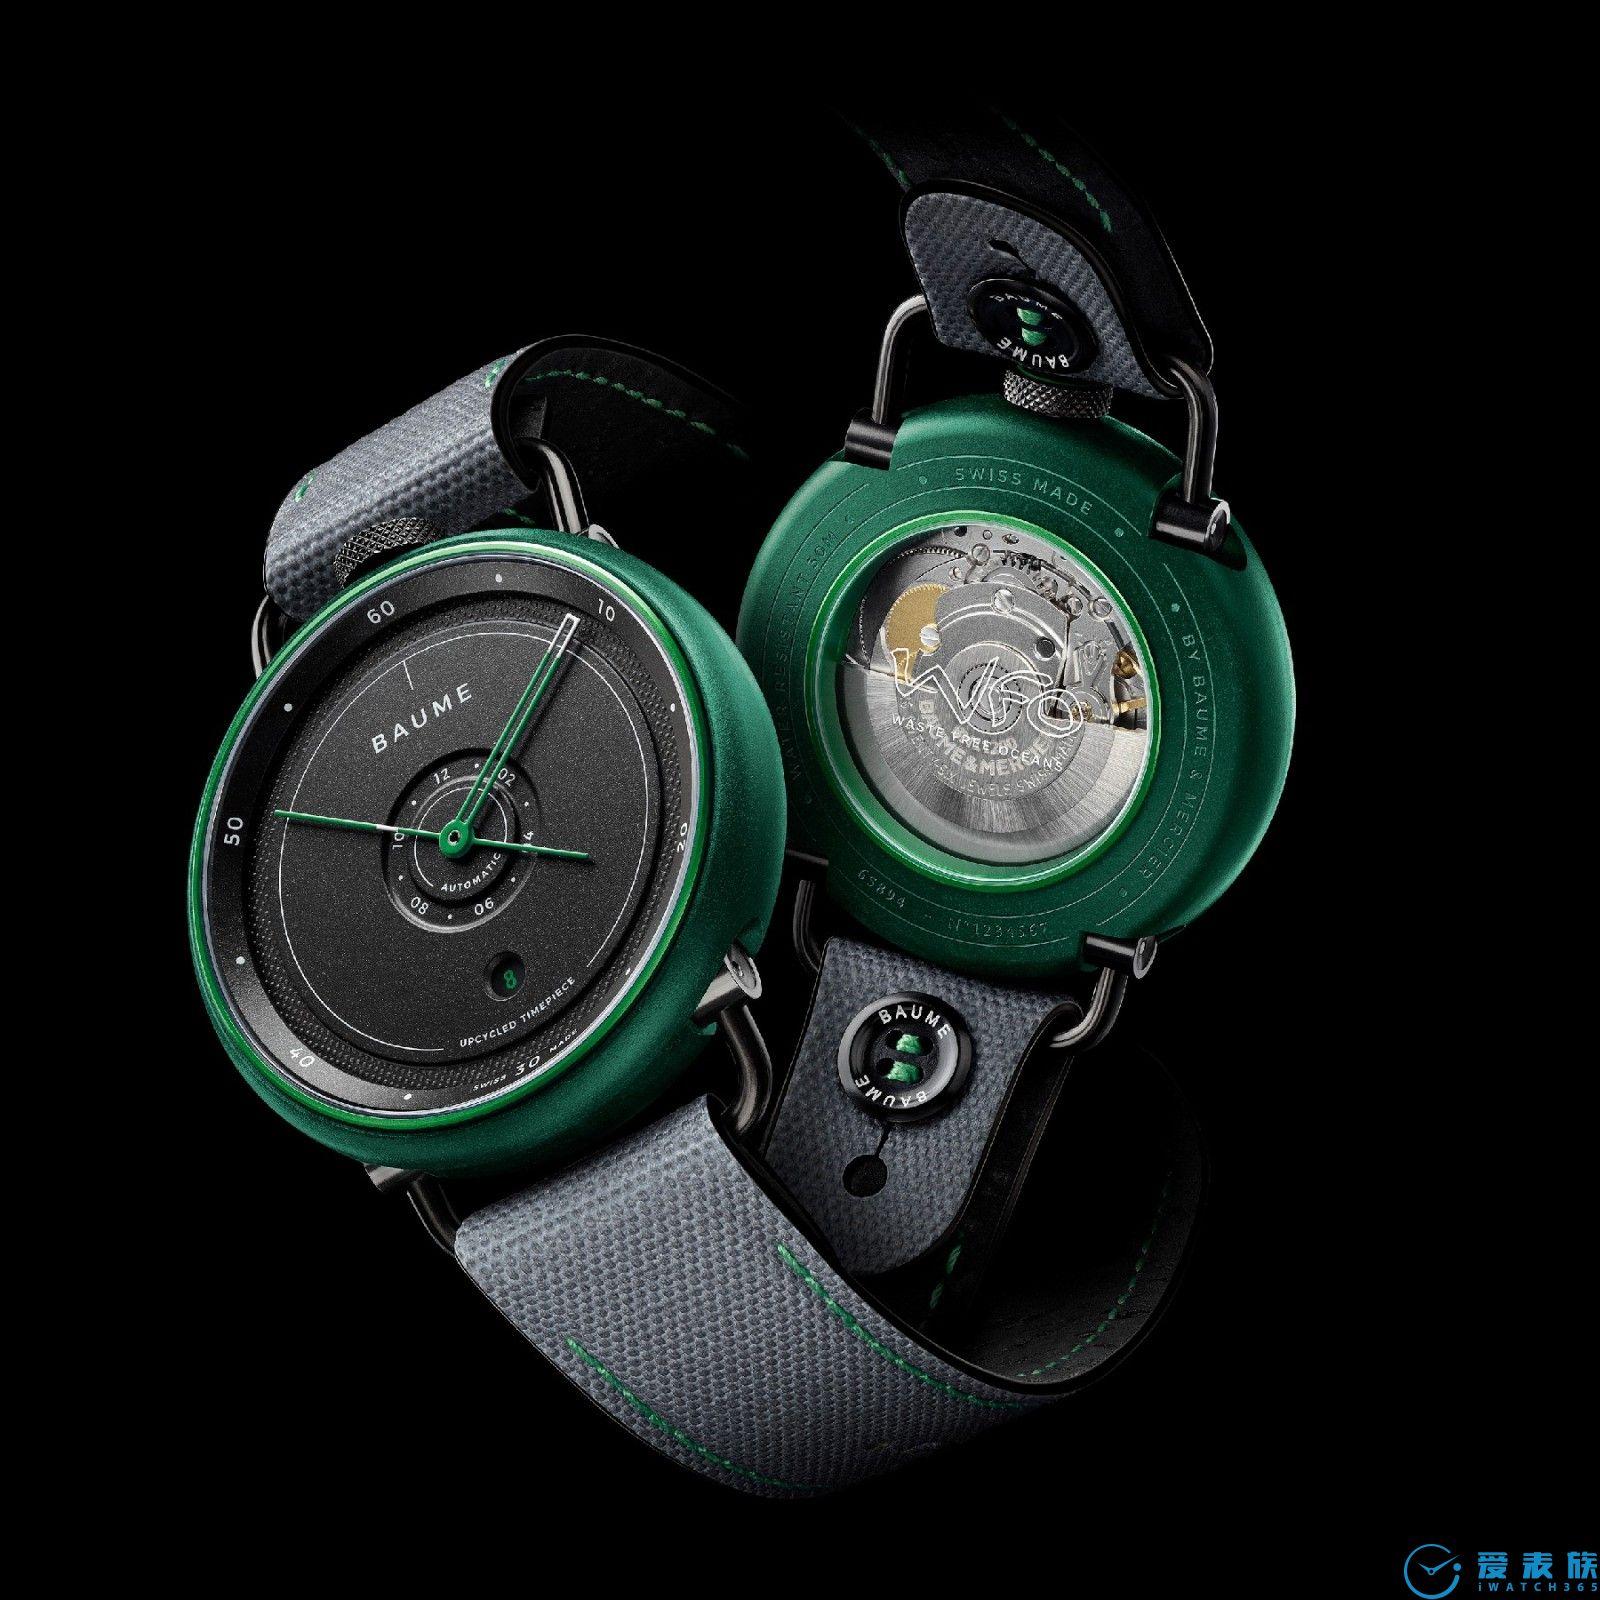 名士制表世家(BAUME & MERCIER)隆重发布BAUME奔系列腕表